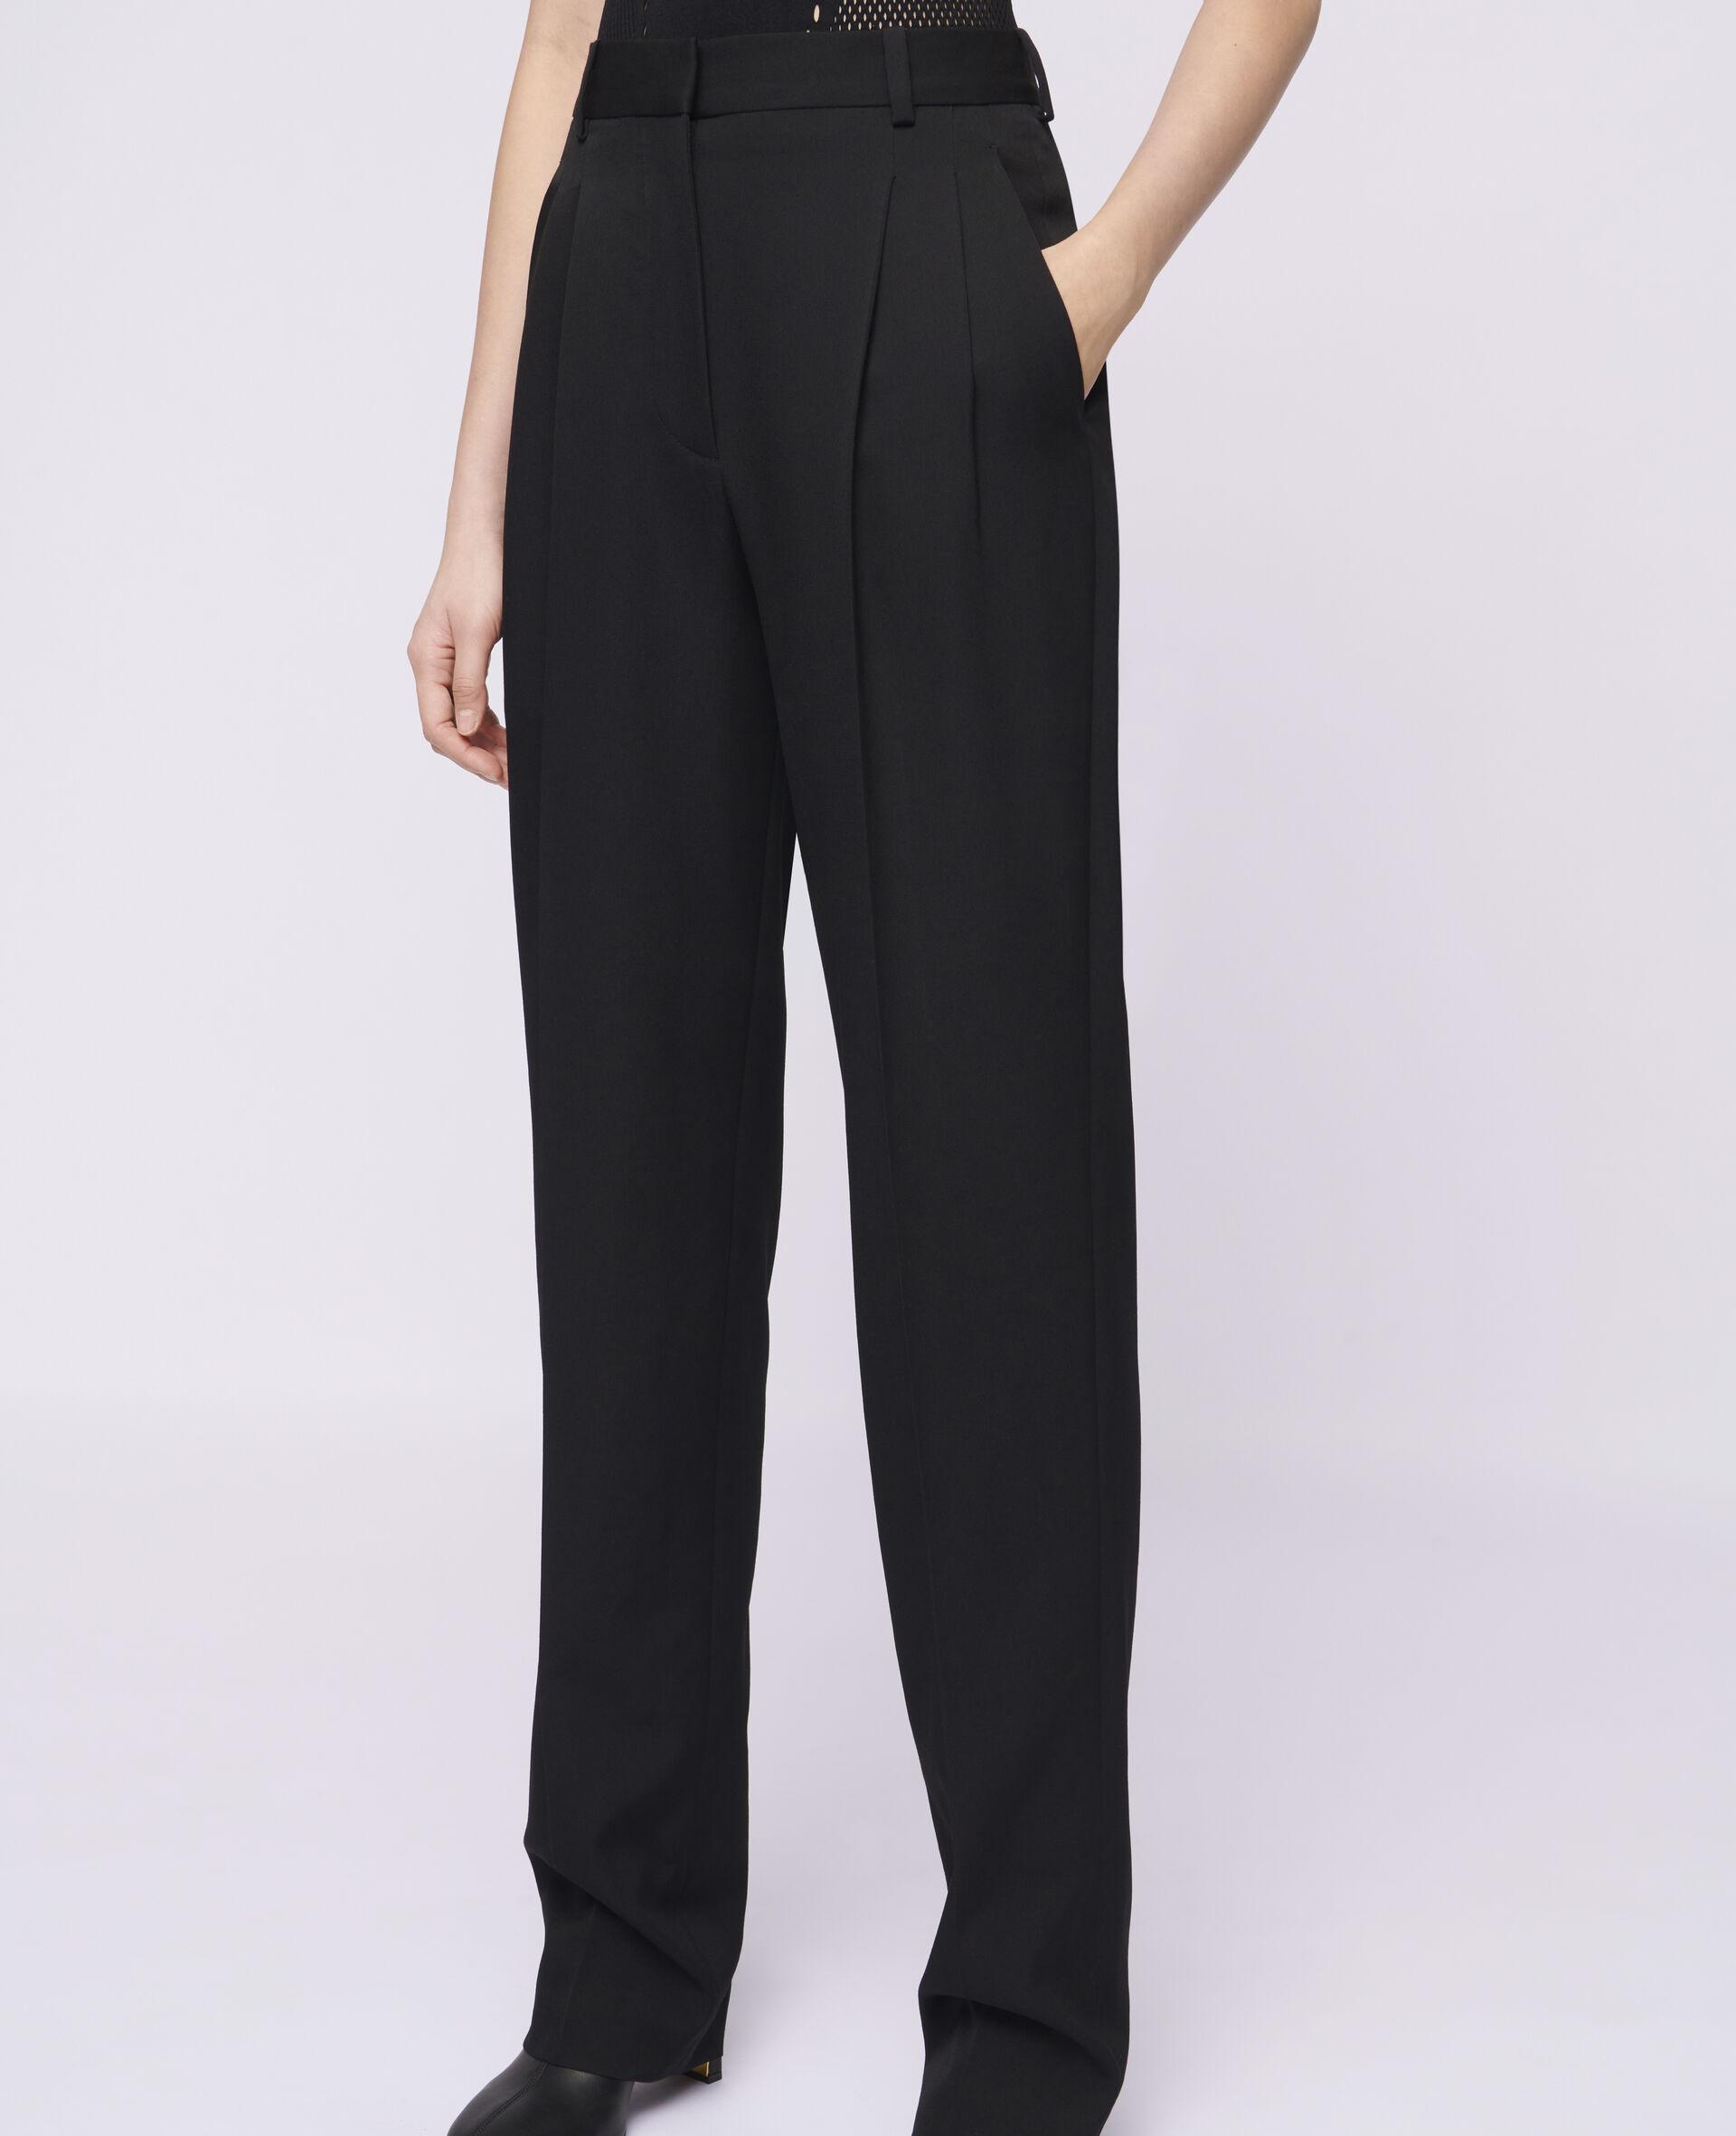 Lara Wool Trousers-Black-large image number 3